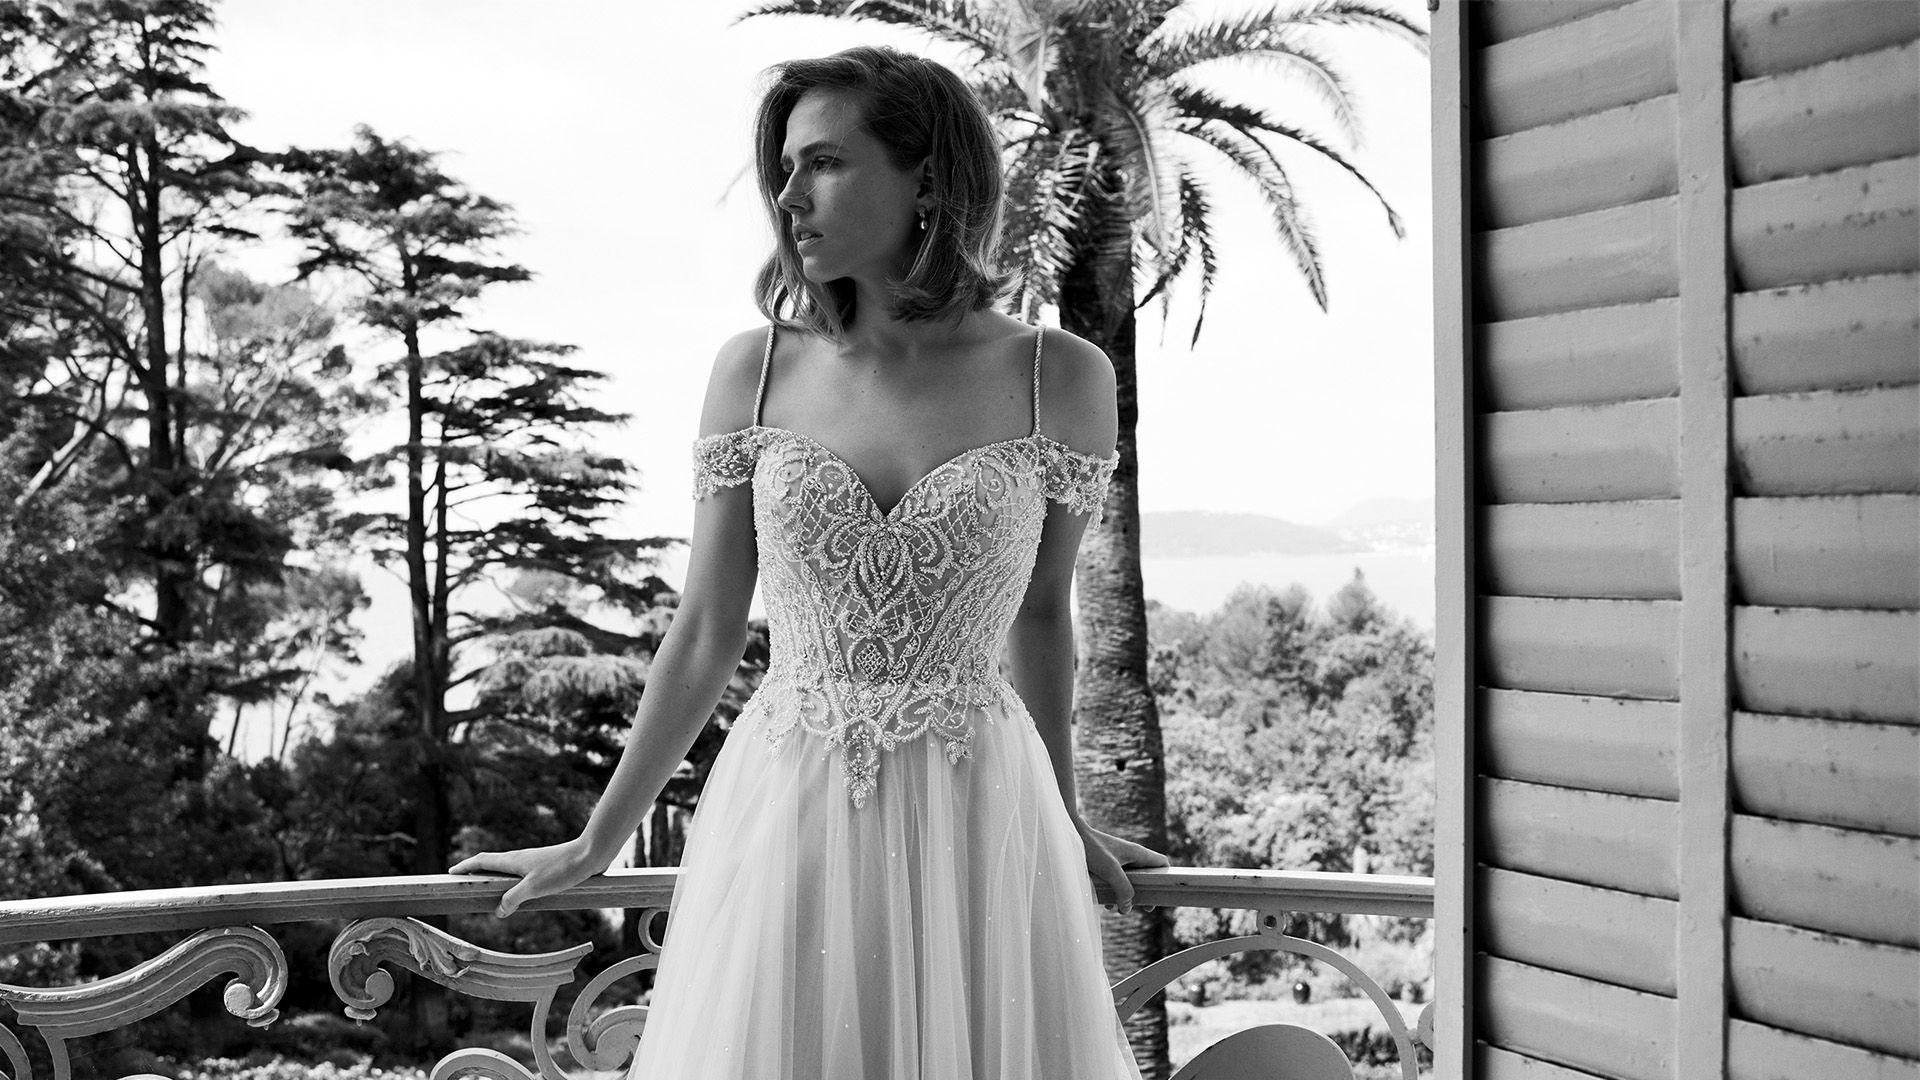 - Stil 88052: Floating Crystal Off the Shoulder Dress